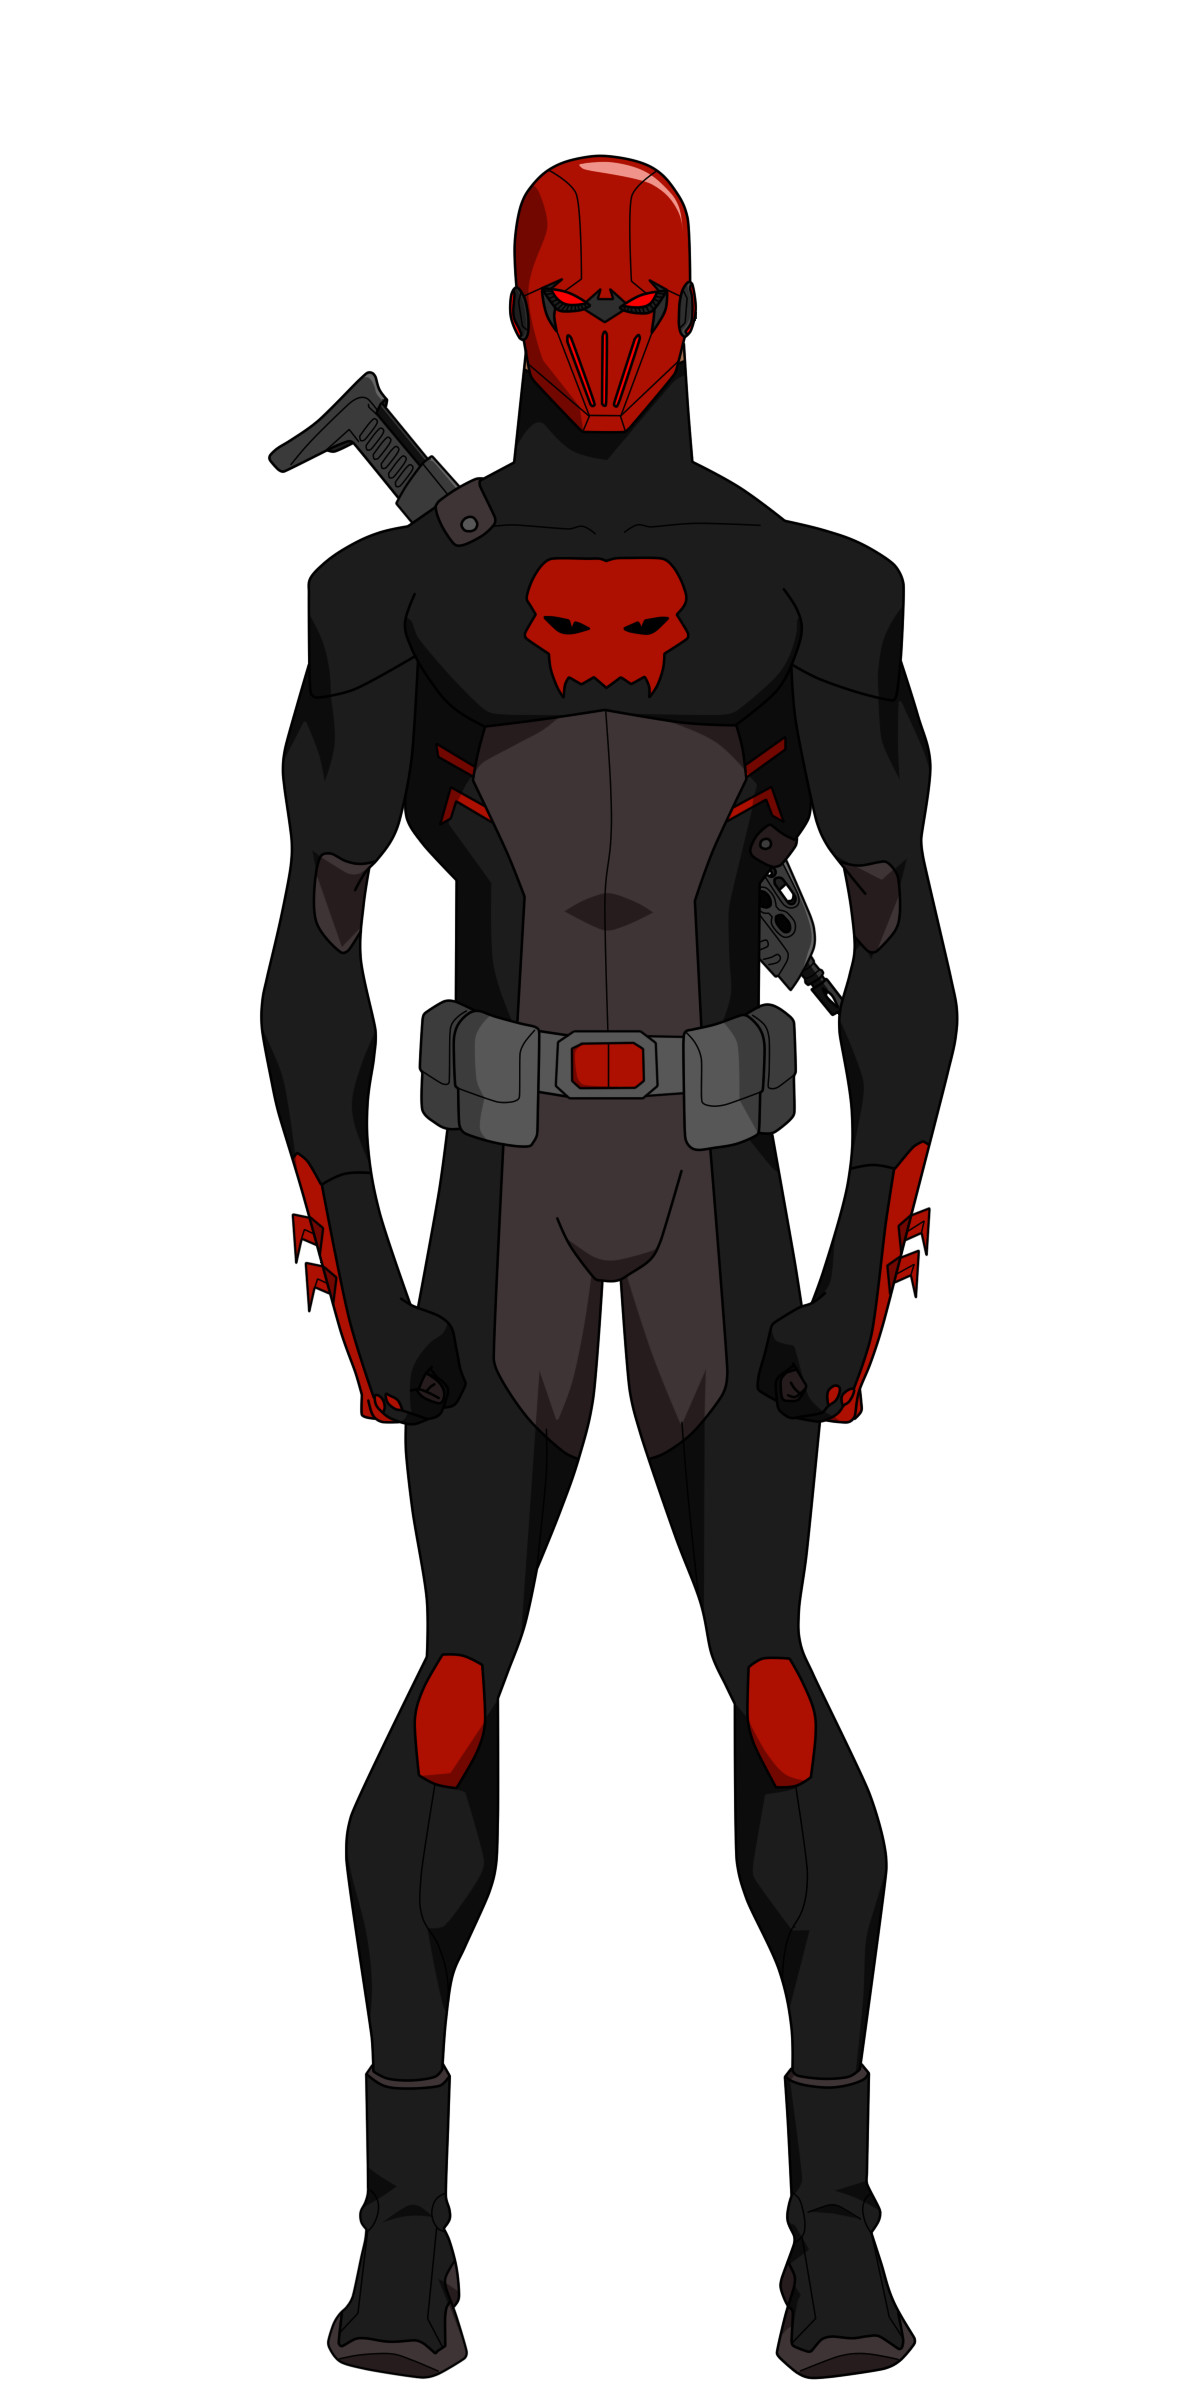 Jason Todd Outlaws Design by Bobkitty23.deviantart.com on @deviantART